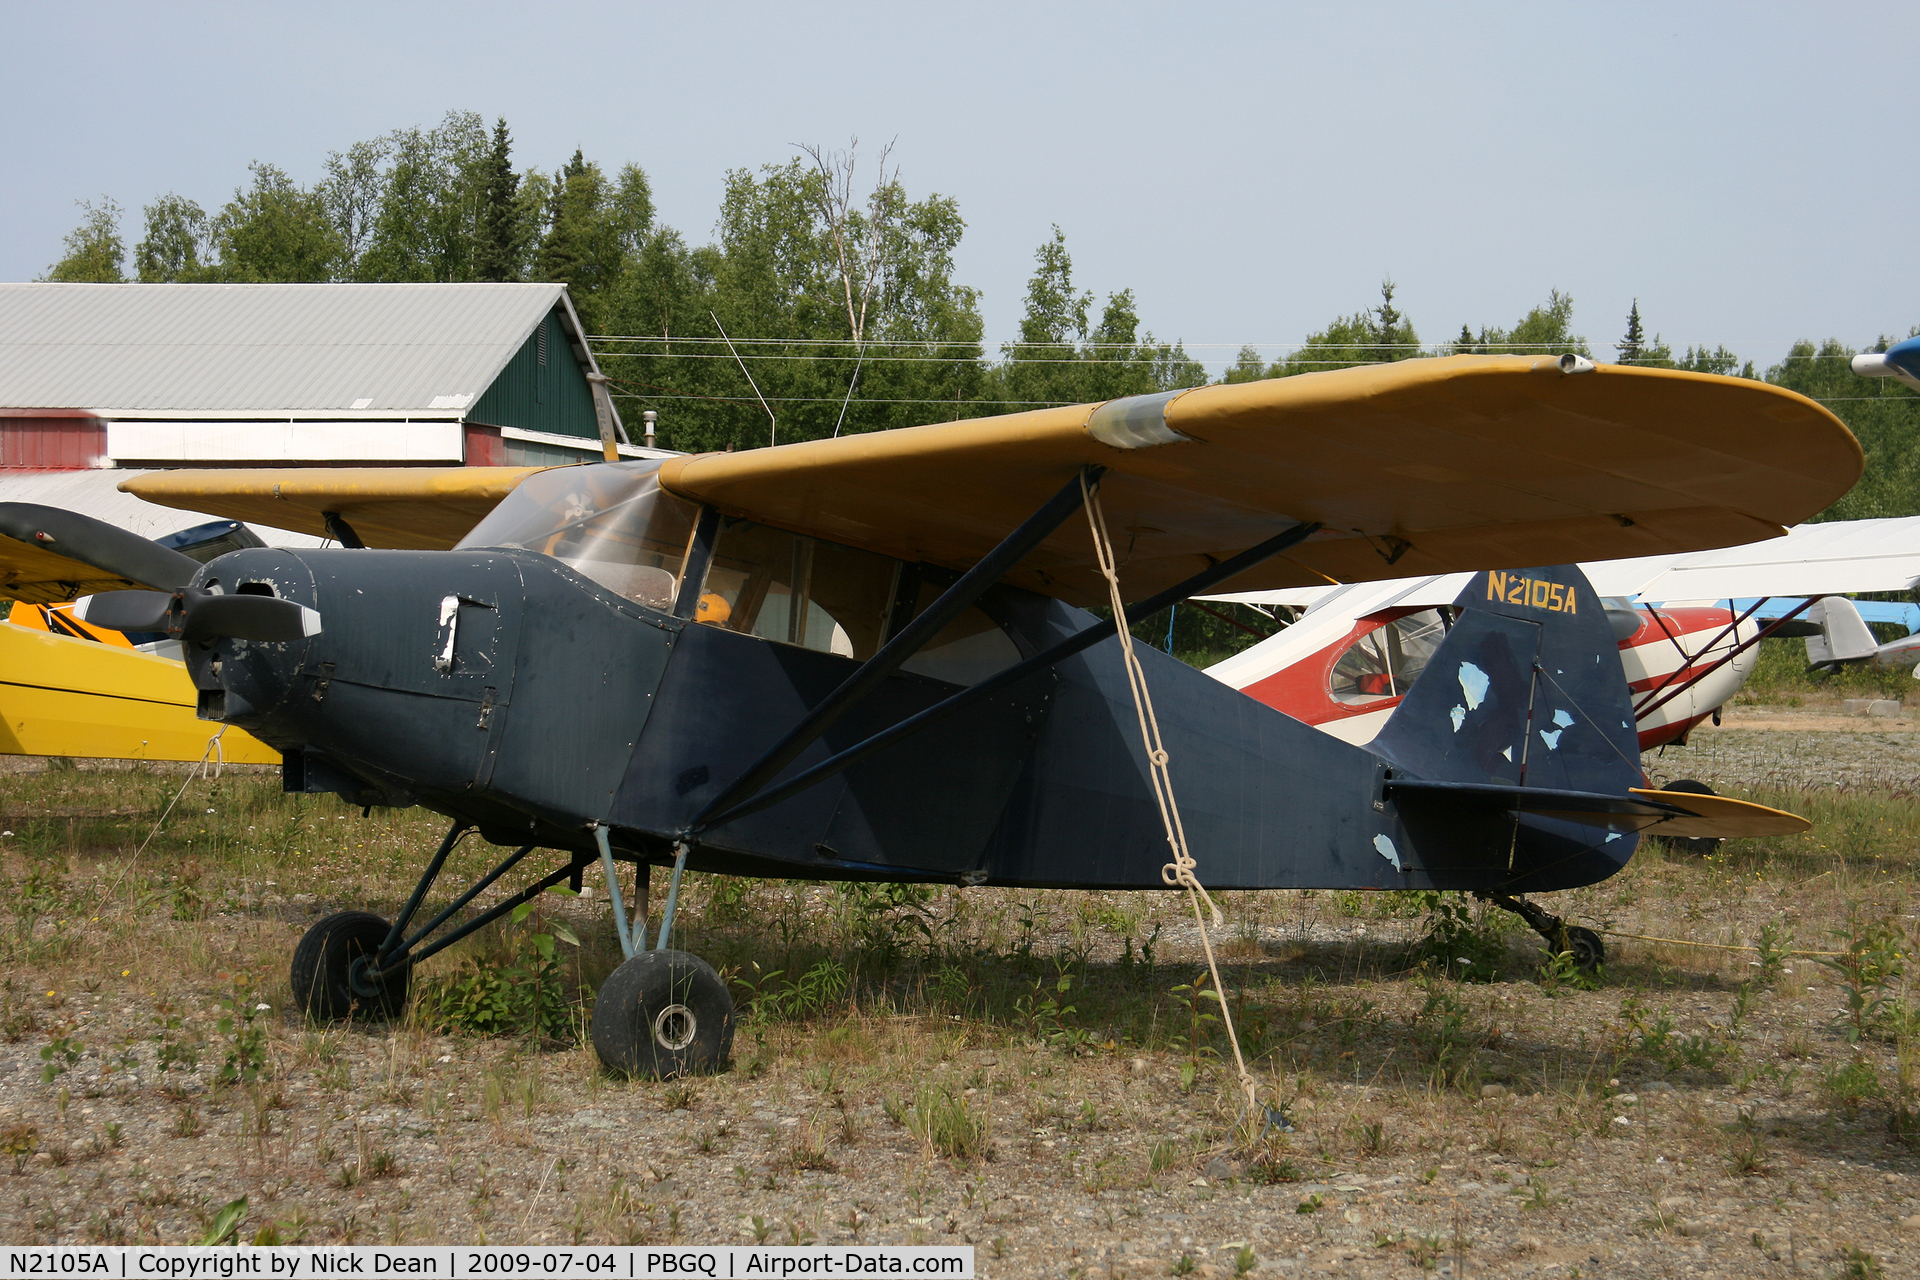 N2105A, 1952 Piper PA-20-135 Pacer C/N 20-889, PBGQ